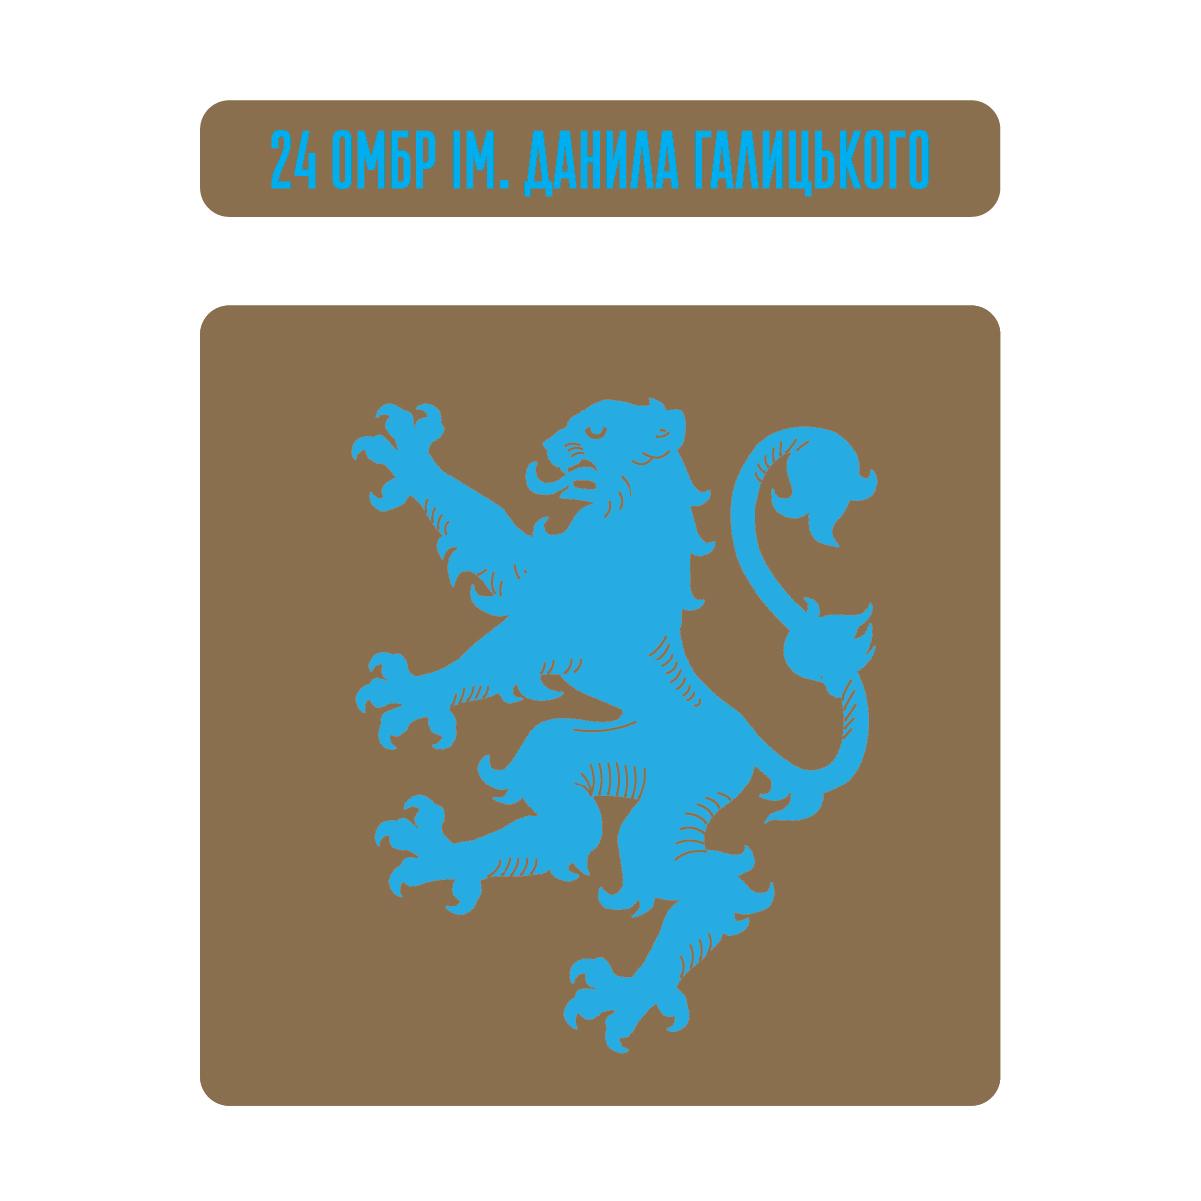 Механизированная бригада имеет гордое название имени короля Данила Галицкого и раз так, наше предложение заключалось в том, что бы нынешние пехотинцы носили на руке герб Данила как и его дружина много лет назад.